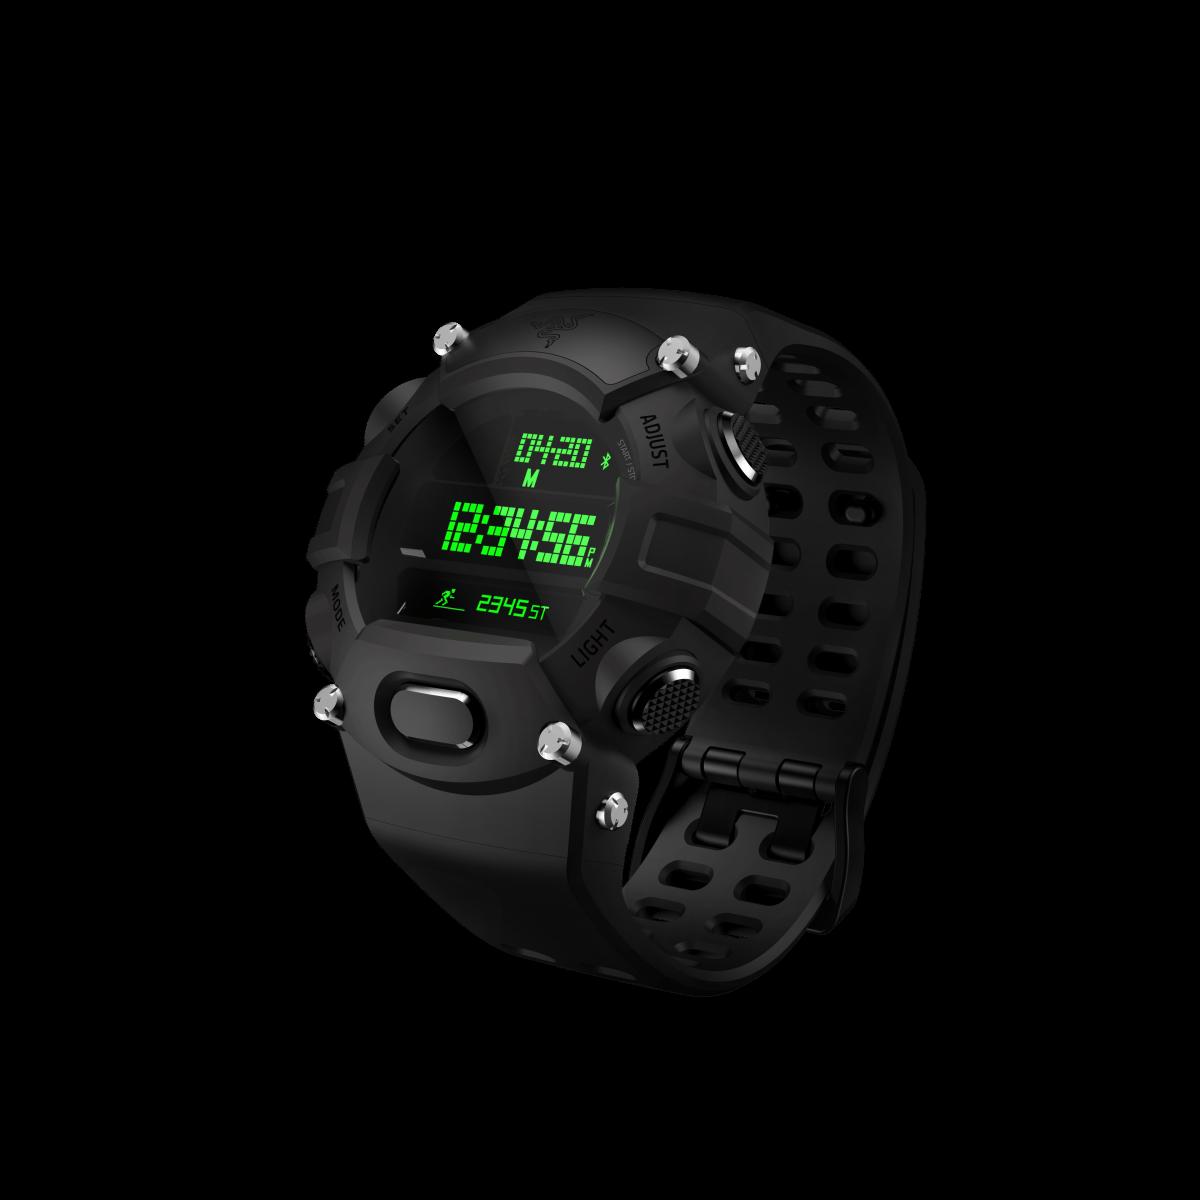 Razer_Watch